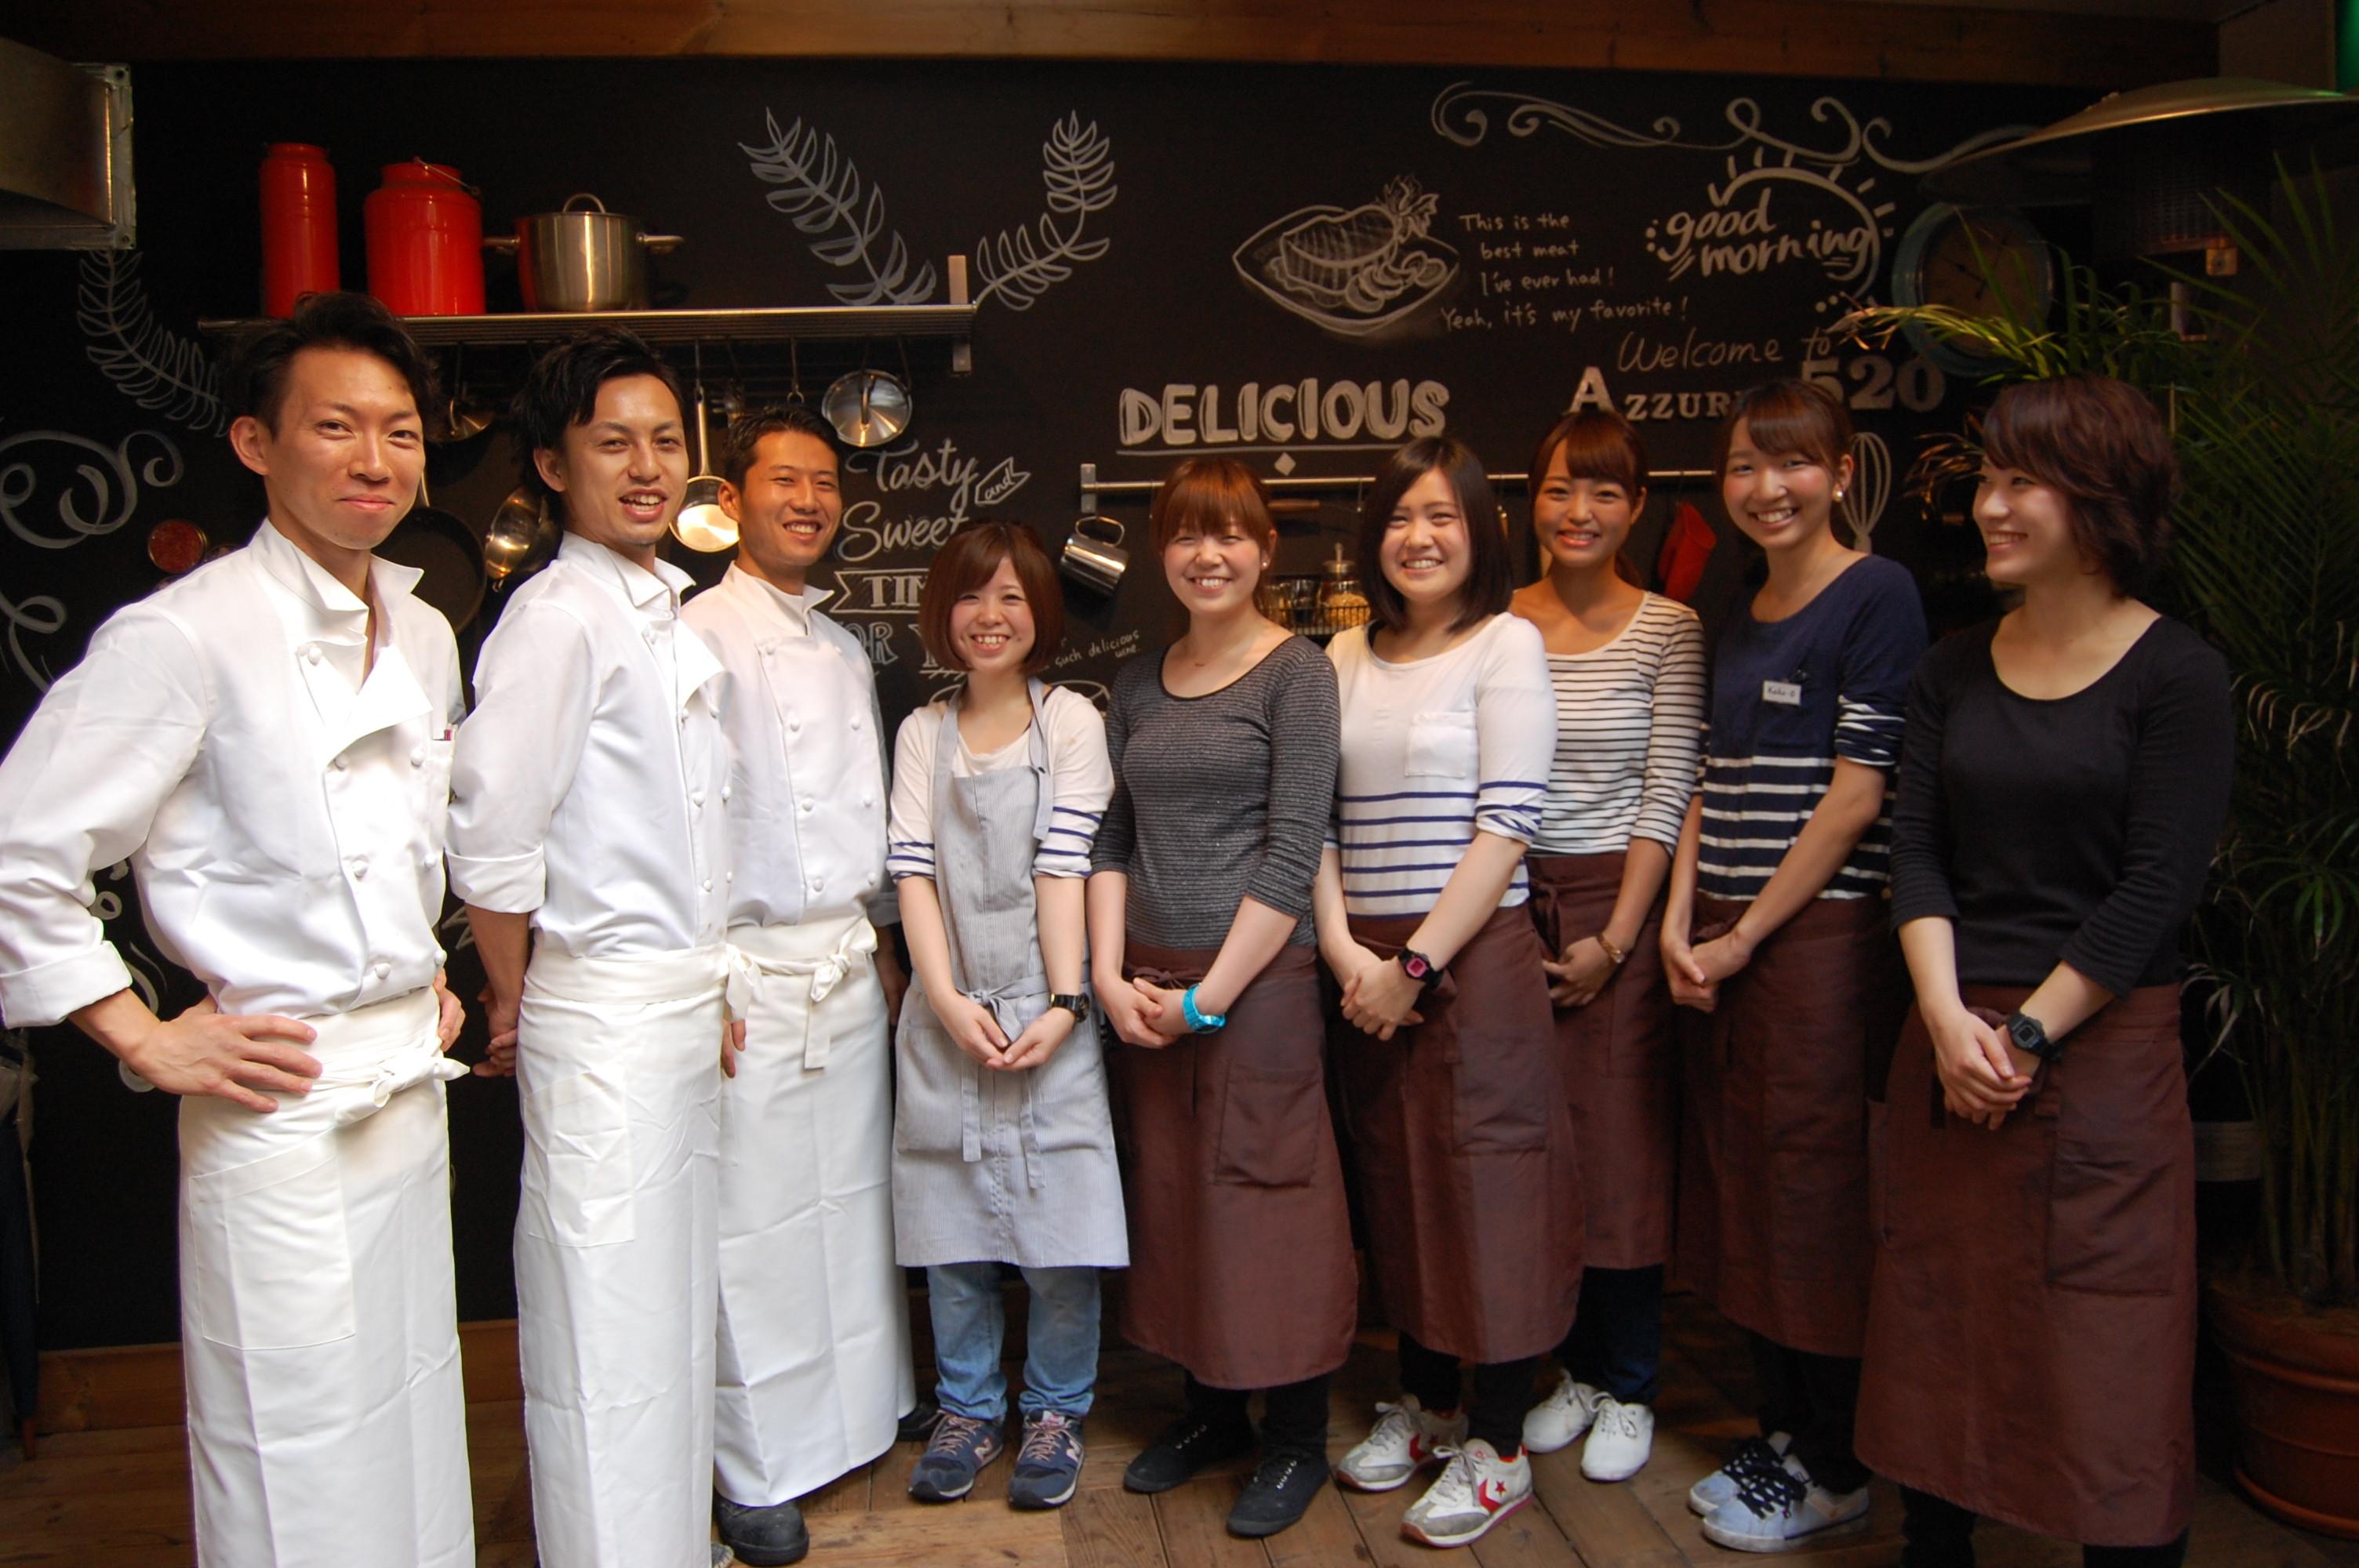 スパニッシュイタリアンAzzurro520+Caffe 田町店のイメージ